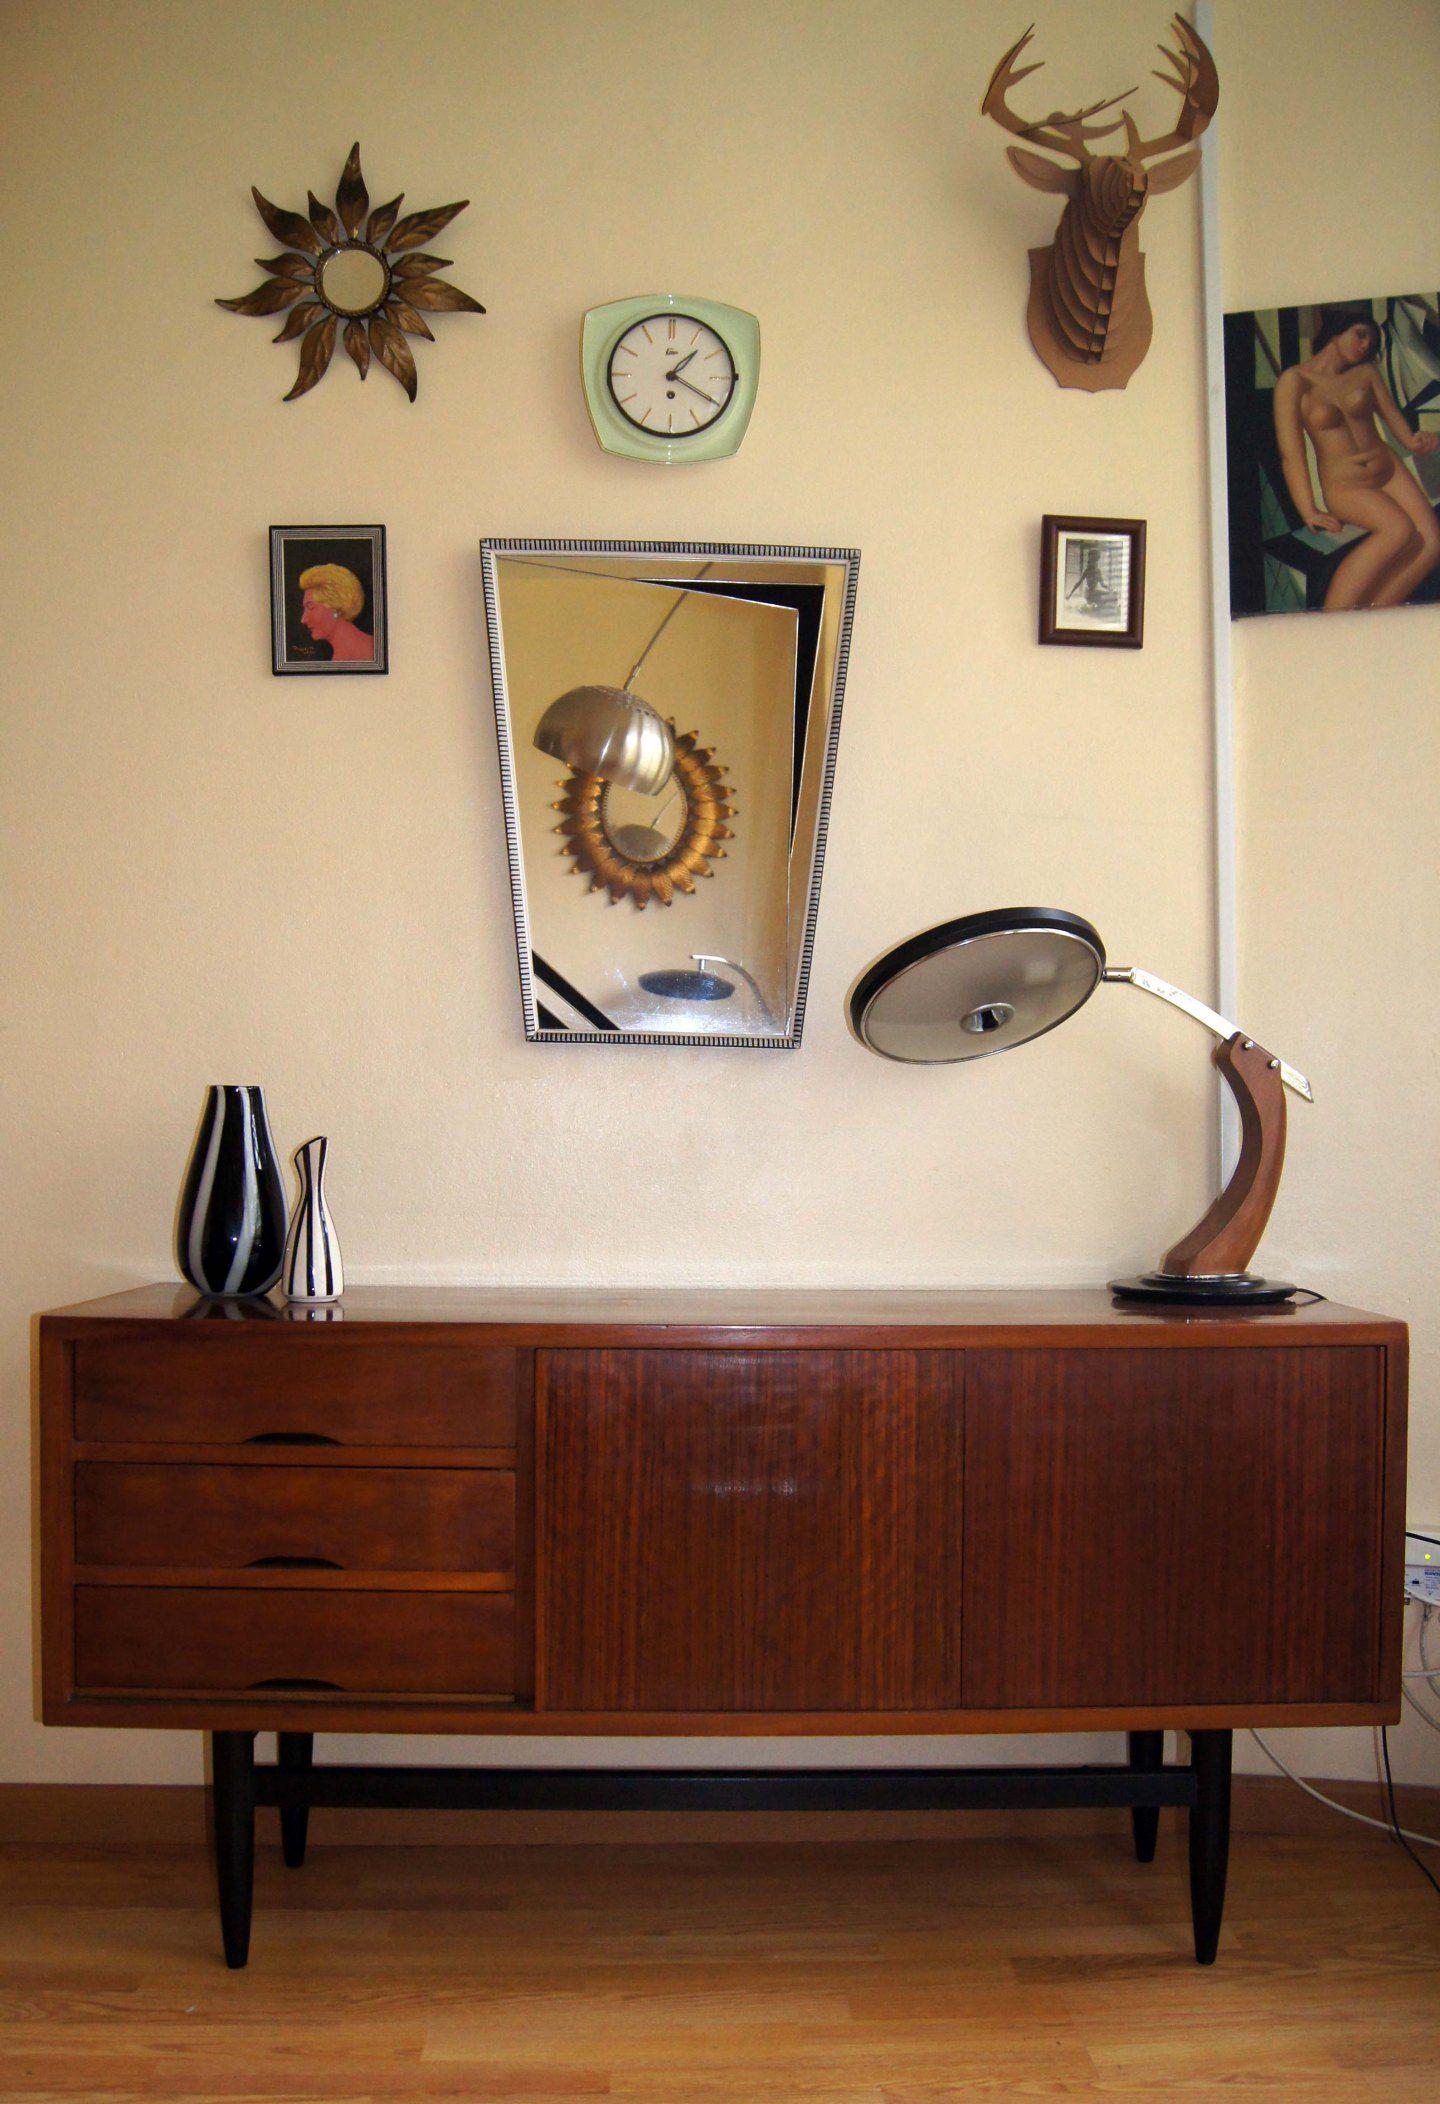 Mueble aparador dan s de teca con tres cajones y puertas correderas dinamarca a os 60 estado - Muebles anos 60 ...